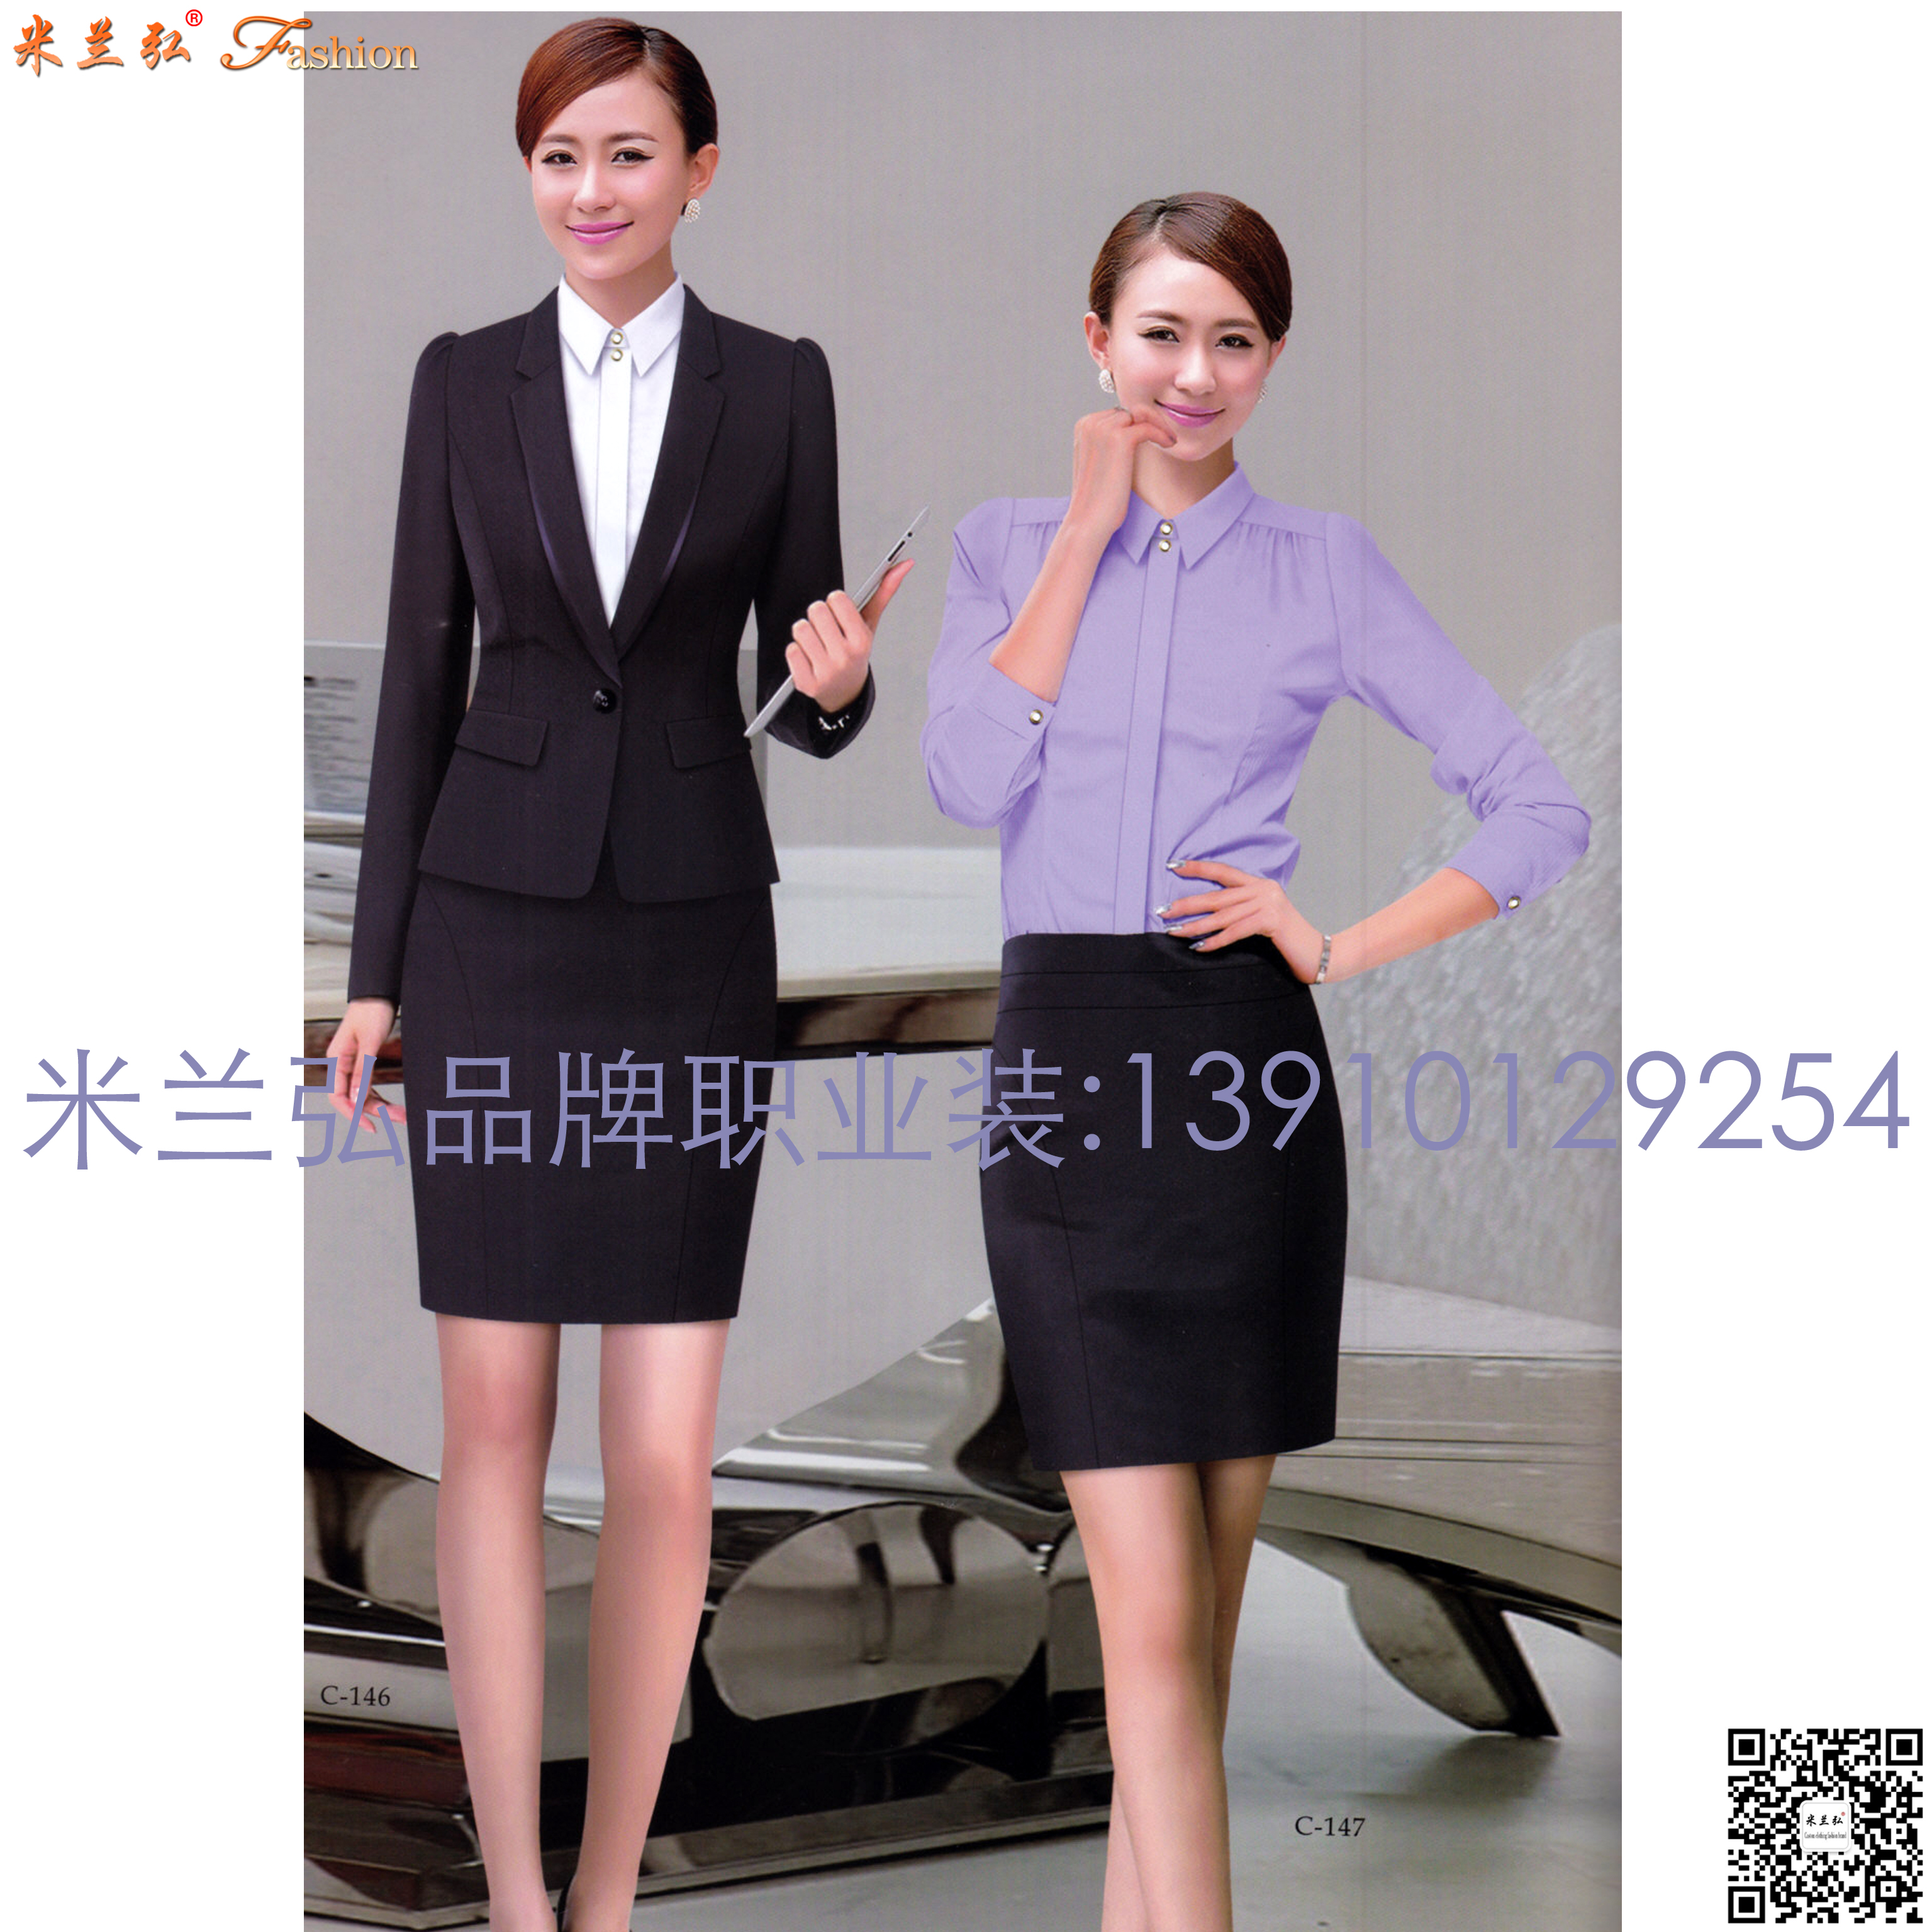 北京哪里可以定做西服北京西服時尚職業裝韓版女裝量身定做西服辦公室制服定做-4